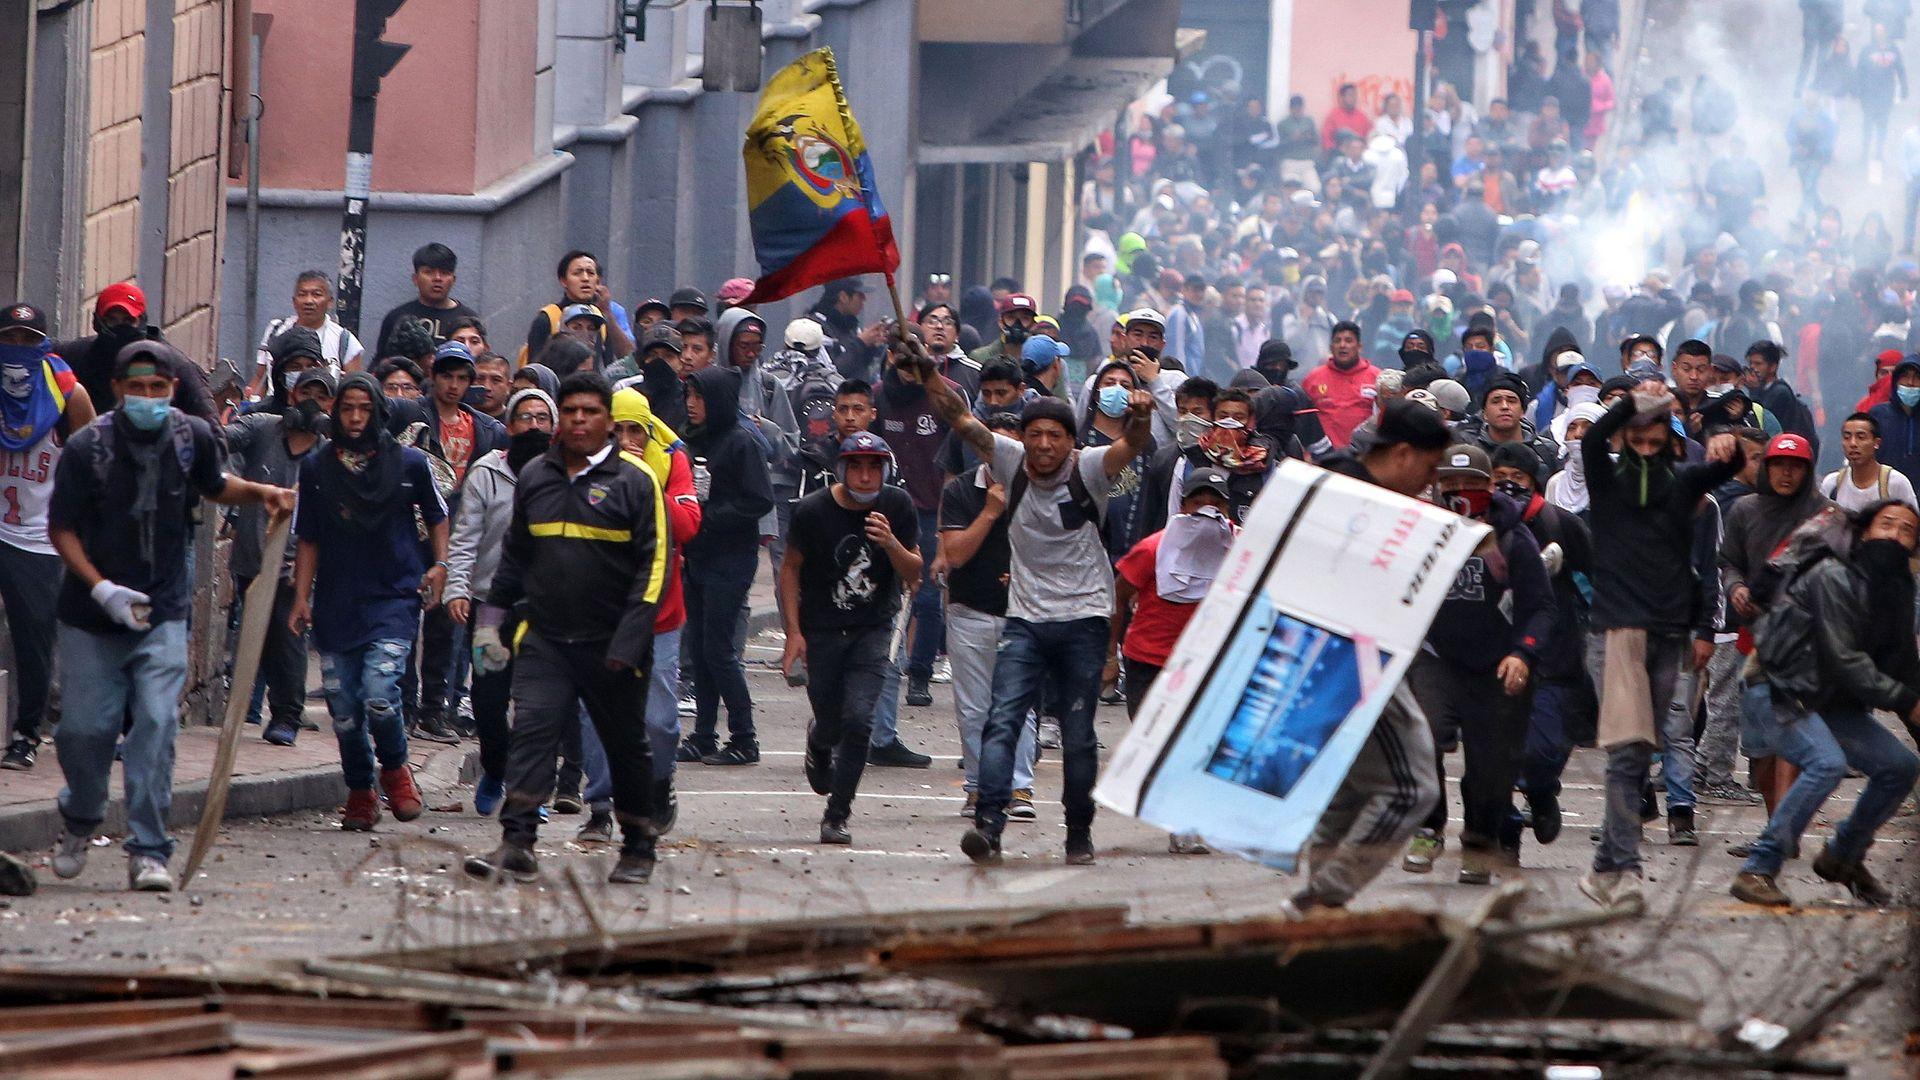 Protestors in Quito on Oct. 7.